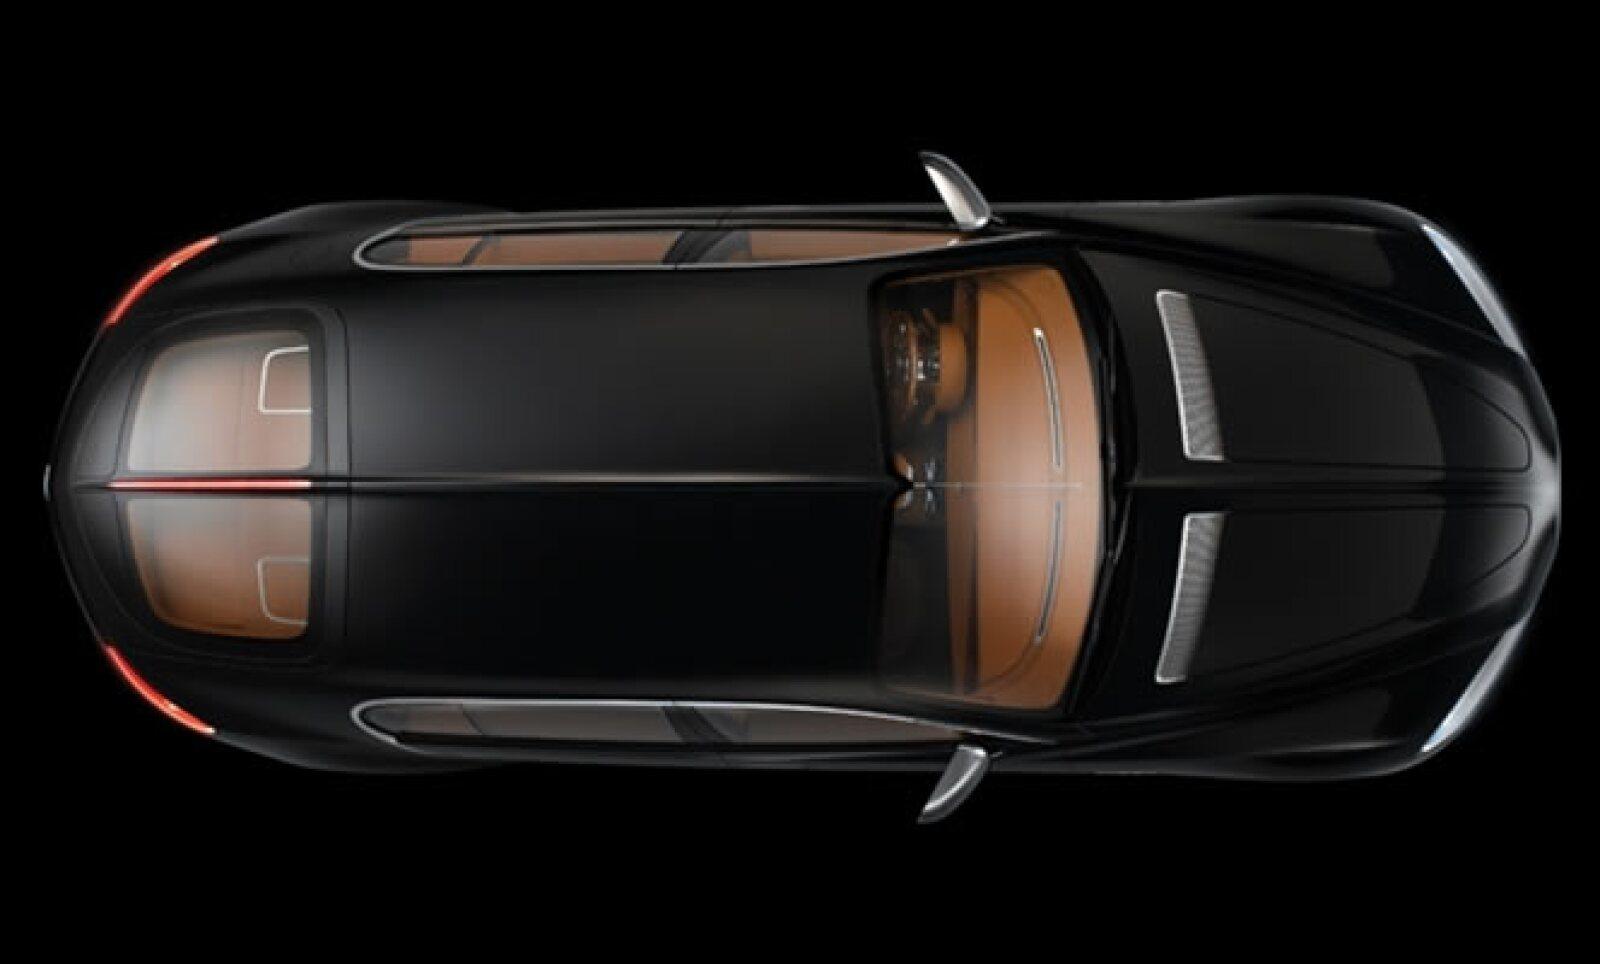 Para este Concept-Car de cuatro puertas, Bugatti utiliza una mezcla de piezas de fibra de carbono y aluminio, pintado en el Atlántico Negro.